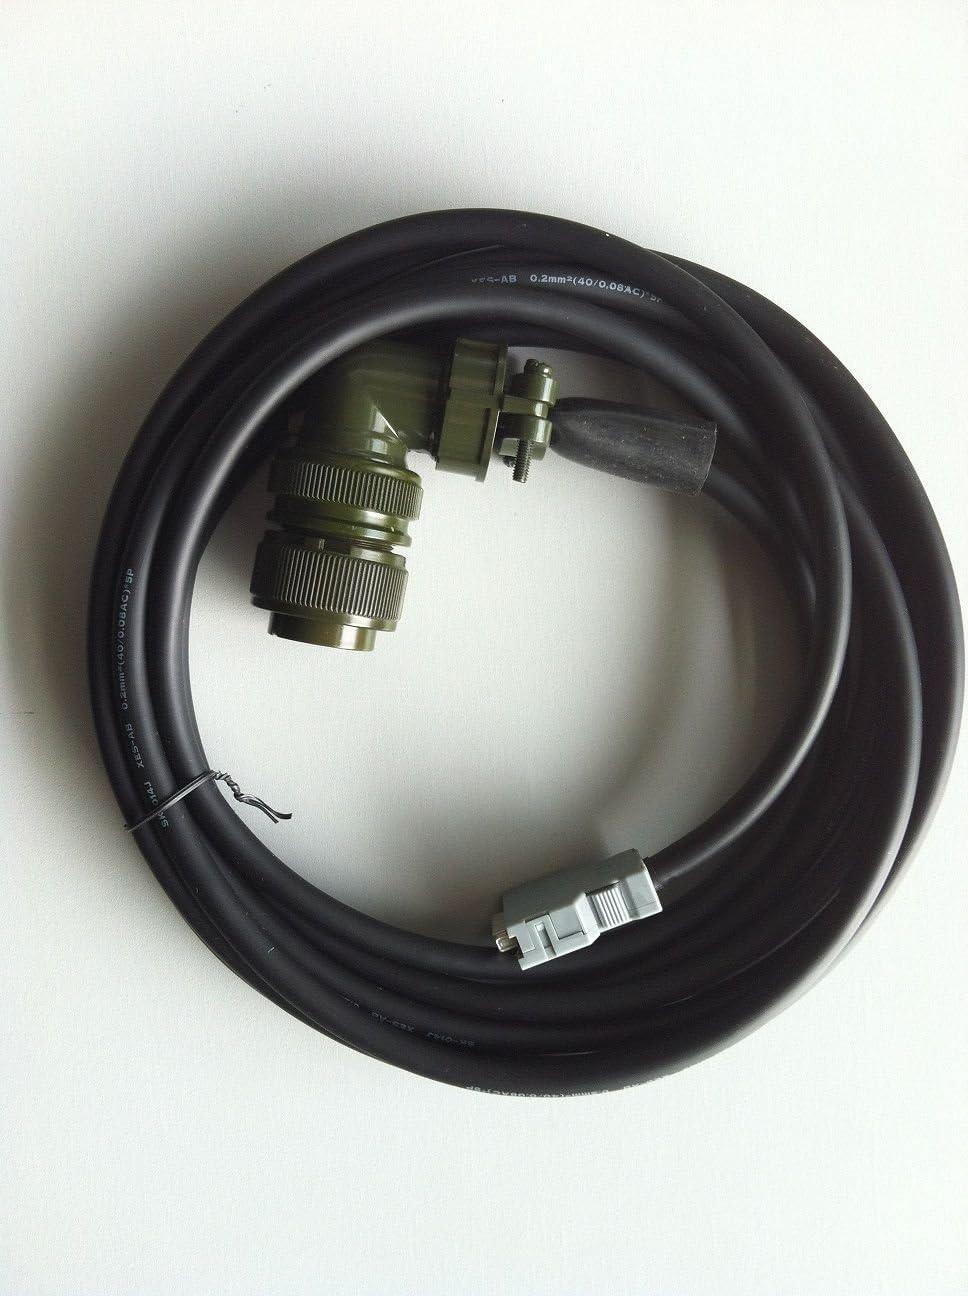 A660-2004-T893 5M FANUC for A860-0365-V501 servo Motor Encoder Feedback Cable